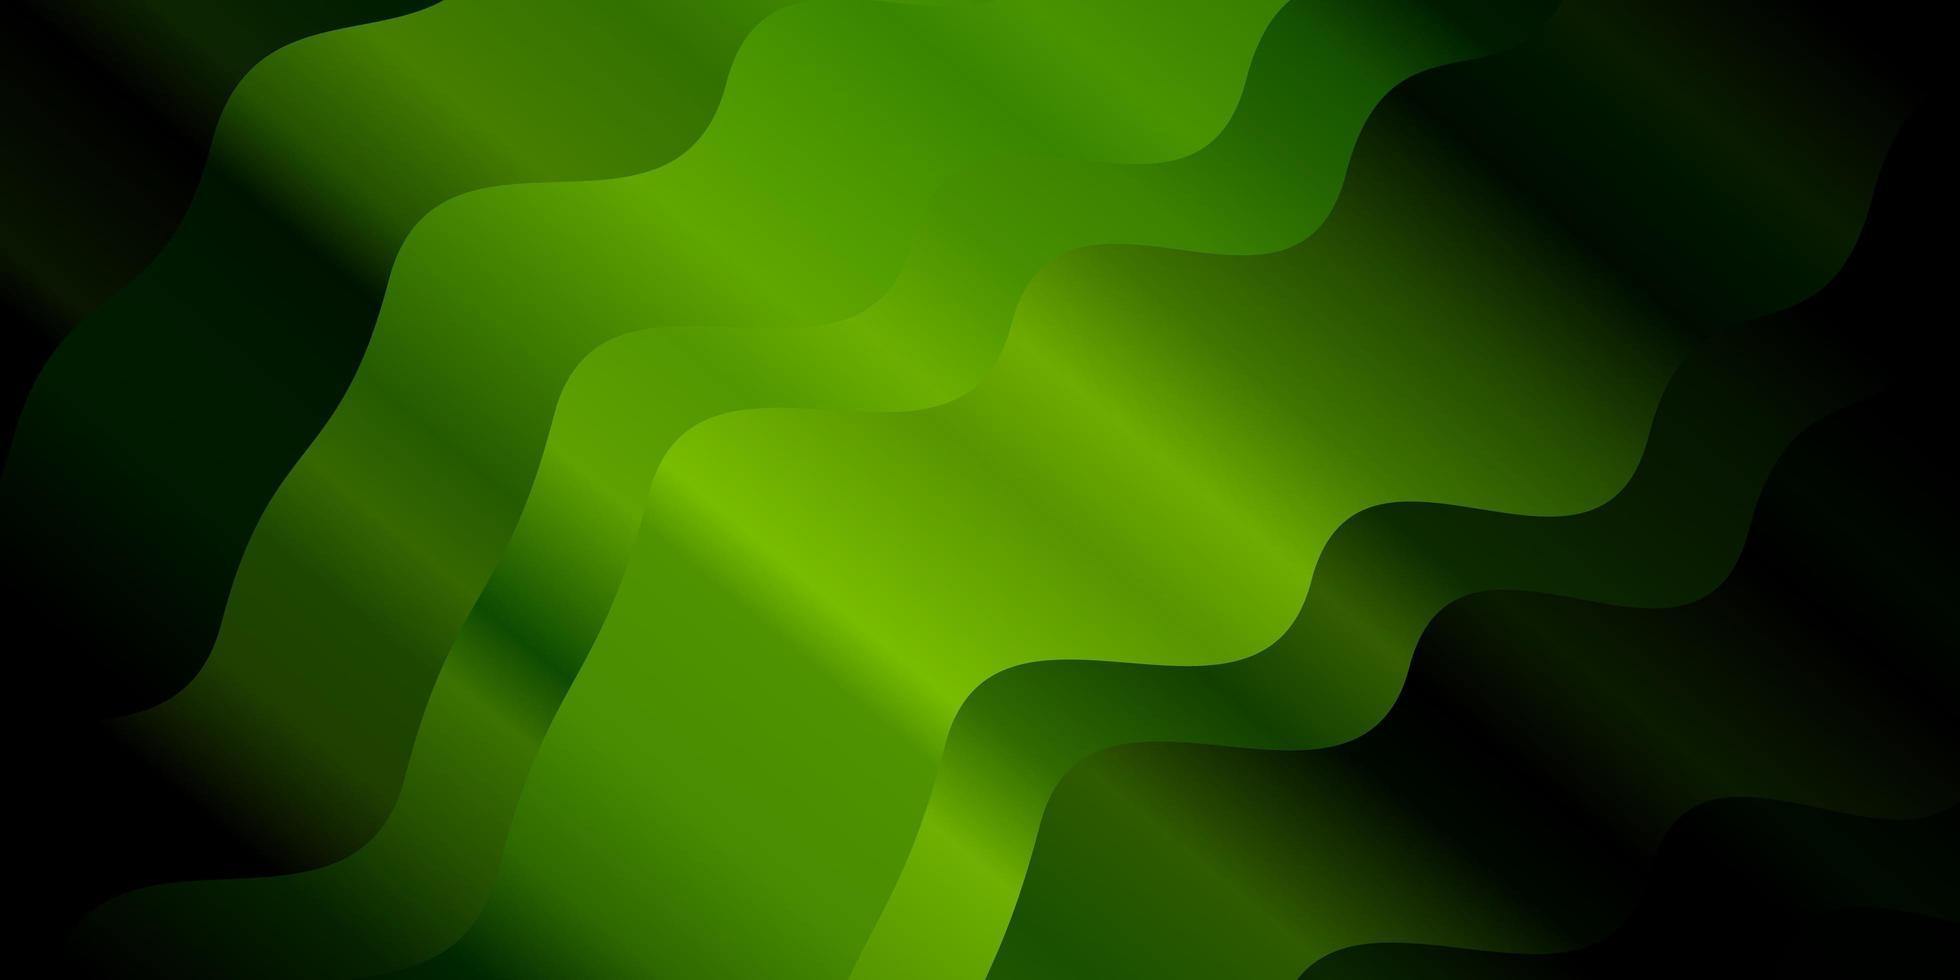 Fondo de vector verde oscuro con líneas dobladas.